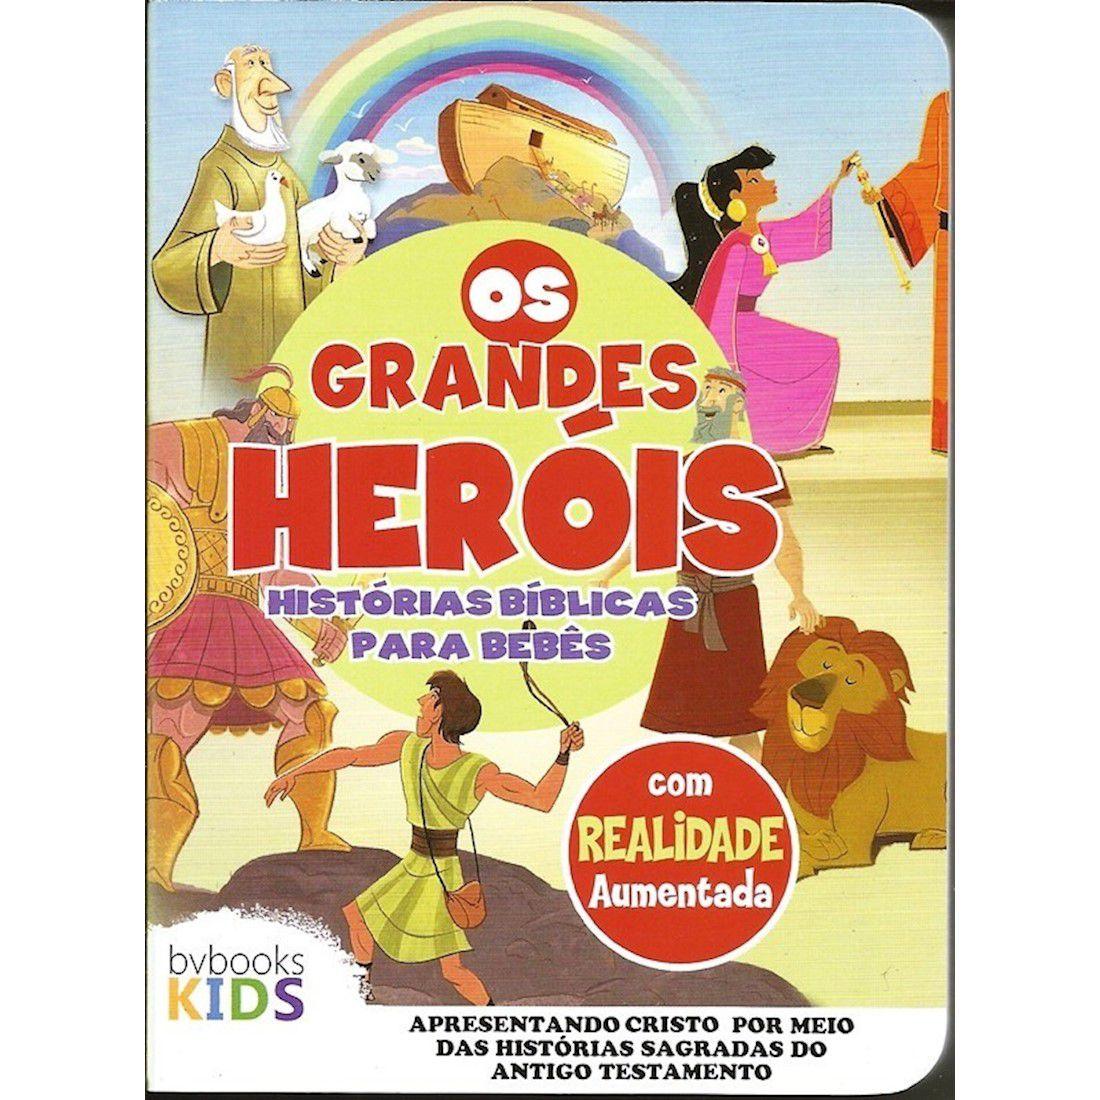 Livro Os Grandes Heróis - Histórias Bíblicas para Bebês